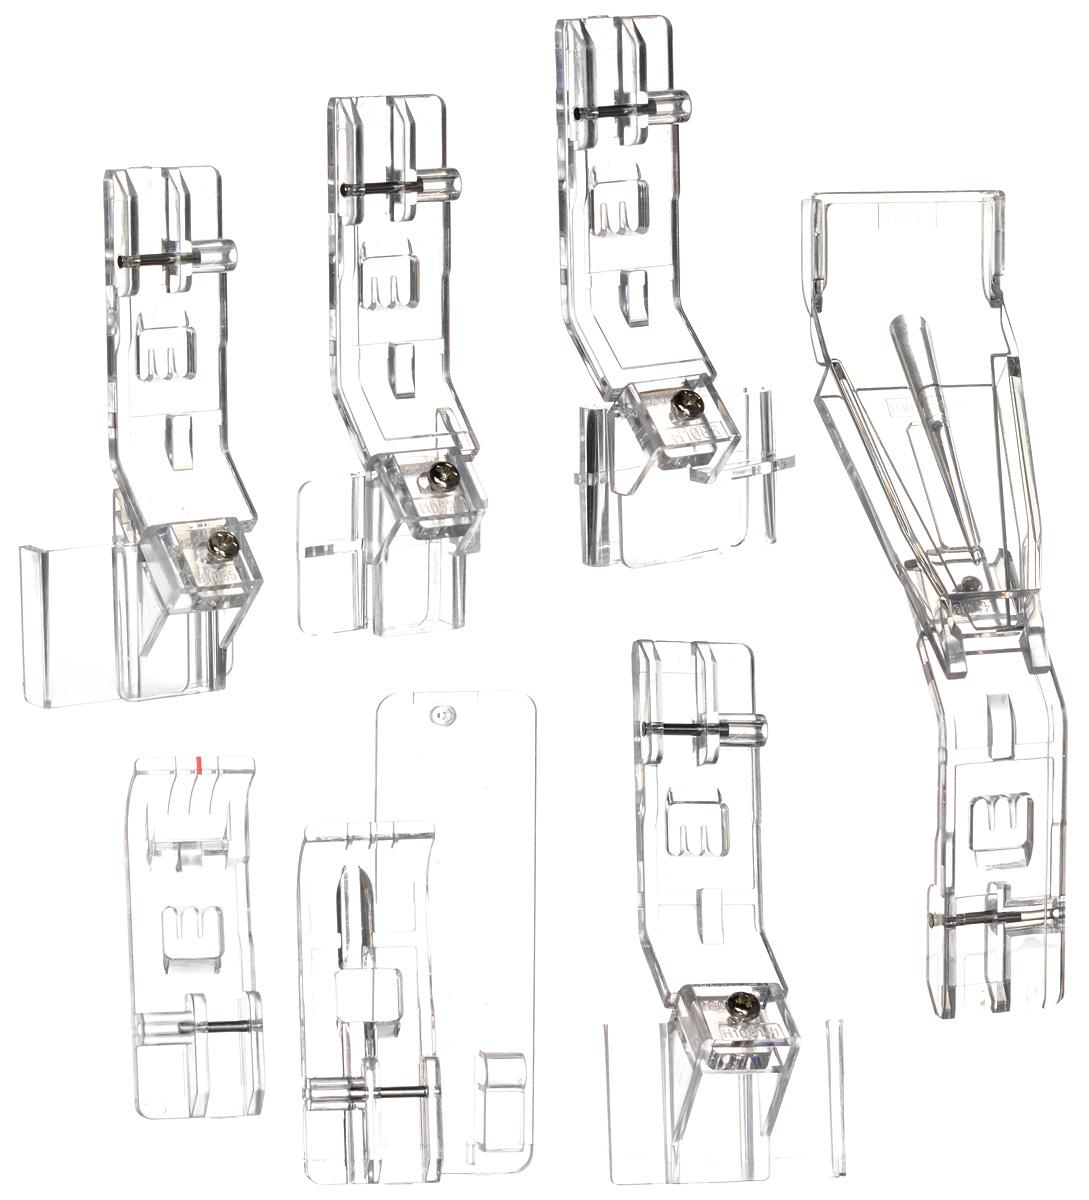 Merrylock комплект лапок для плоских швовFTH 11Комплект прозрачных лапок для плоских швов Merrylock. Подходят для 5-ти ниточных оверлоков и плоскошовных машин Merrylock.В состав комплекта входят:Лапка для вшивания шнура или канта;Лапка для плоских швов;Лапка для пришивания тесьмы и кружевных лент;Лапка для двойной подгибки и вшивания ленты или косой бейки (25-28 мм);Лапка для подгибки края материала;Лапка для изготовления шлевок или косой бейки (23-25 мм);Лапка для пришивания тесьмы и кружевных лент с подгибкой края материала.